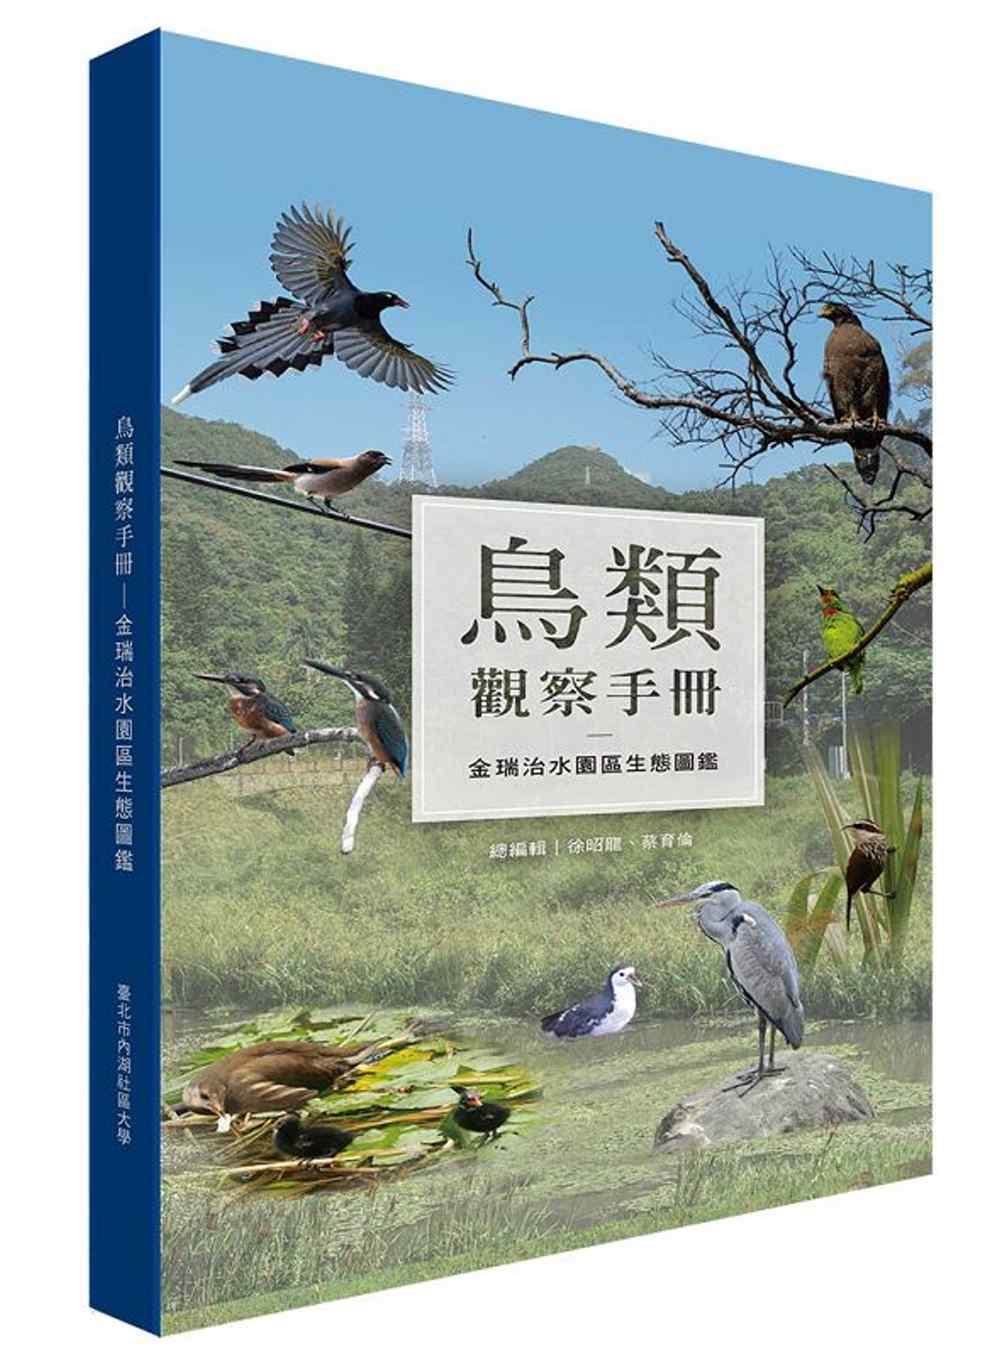 鳥類觀察手冊:金瑞治水園區生態...